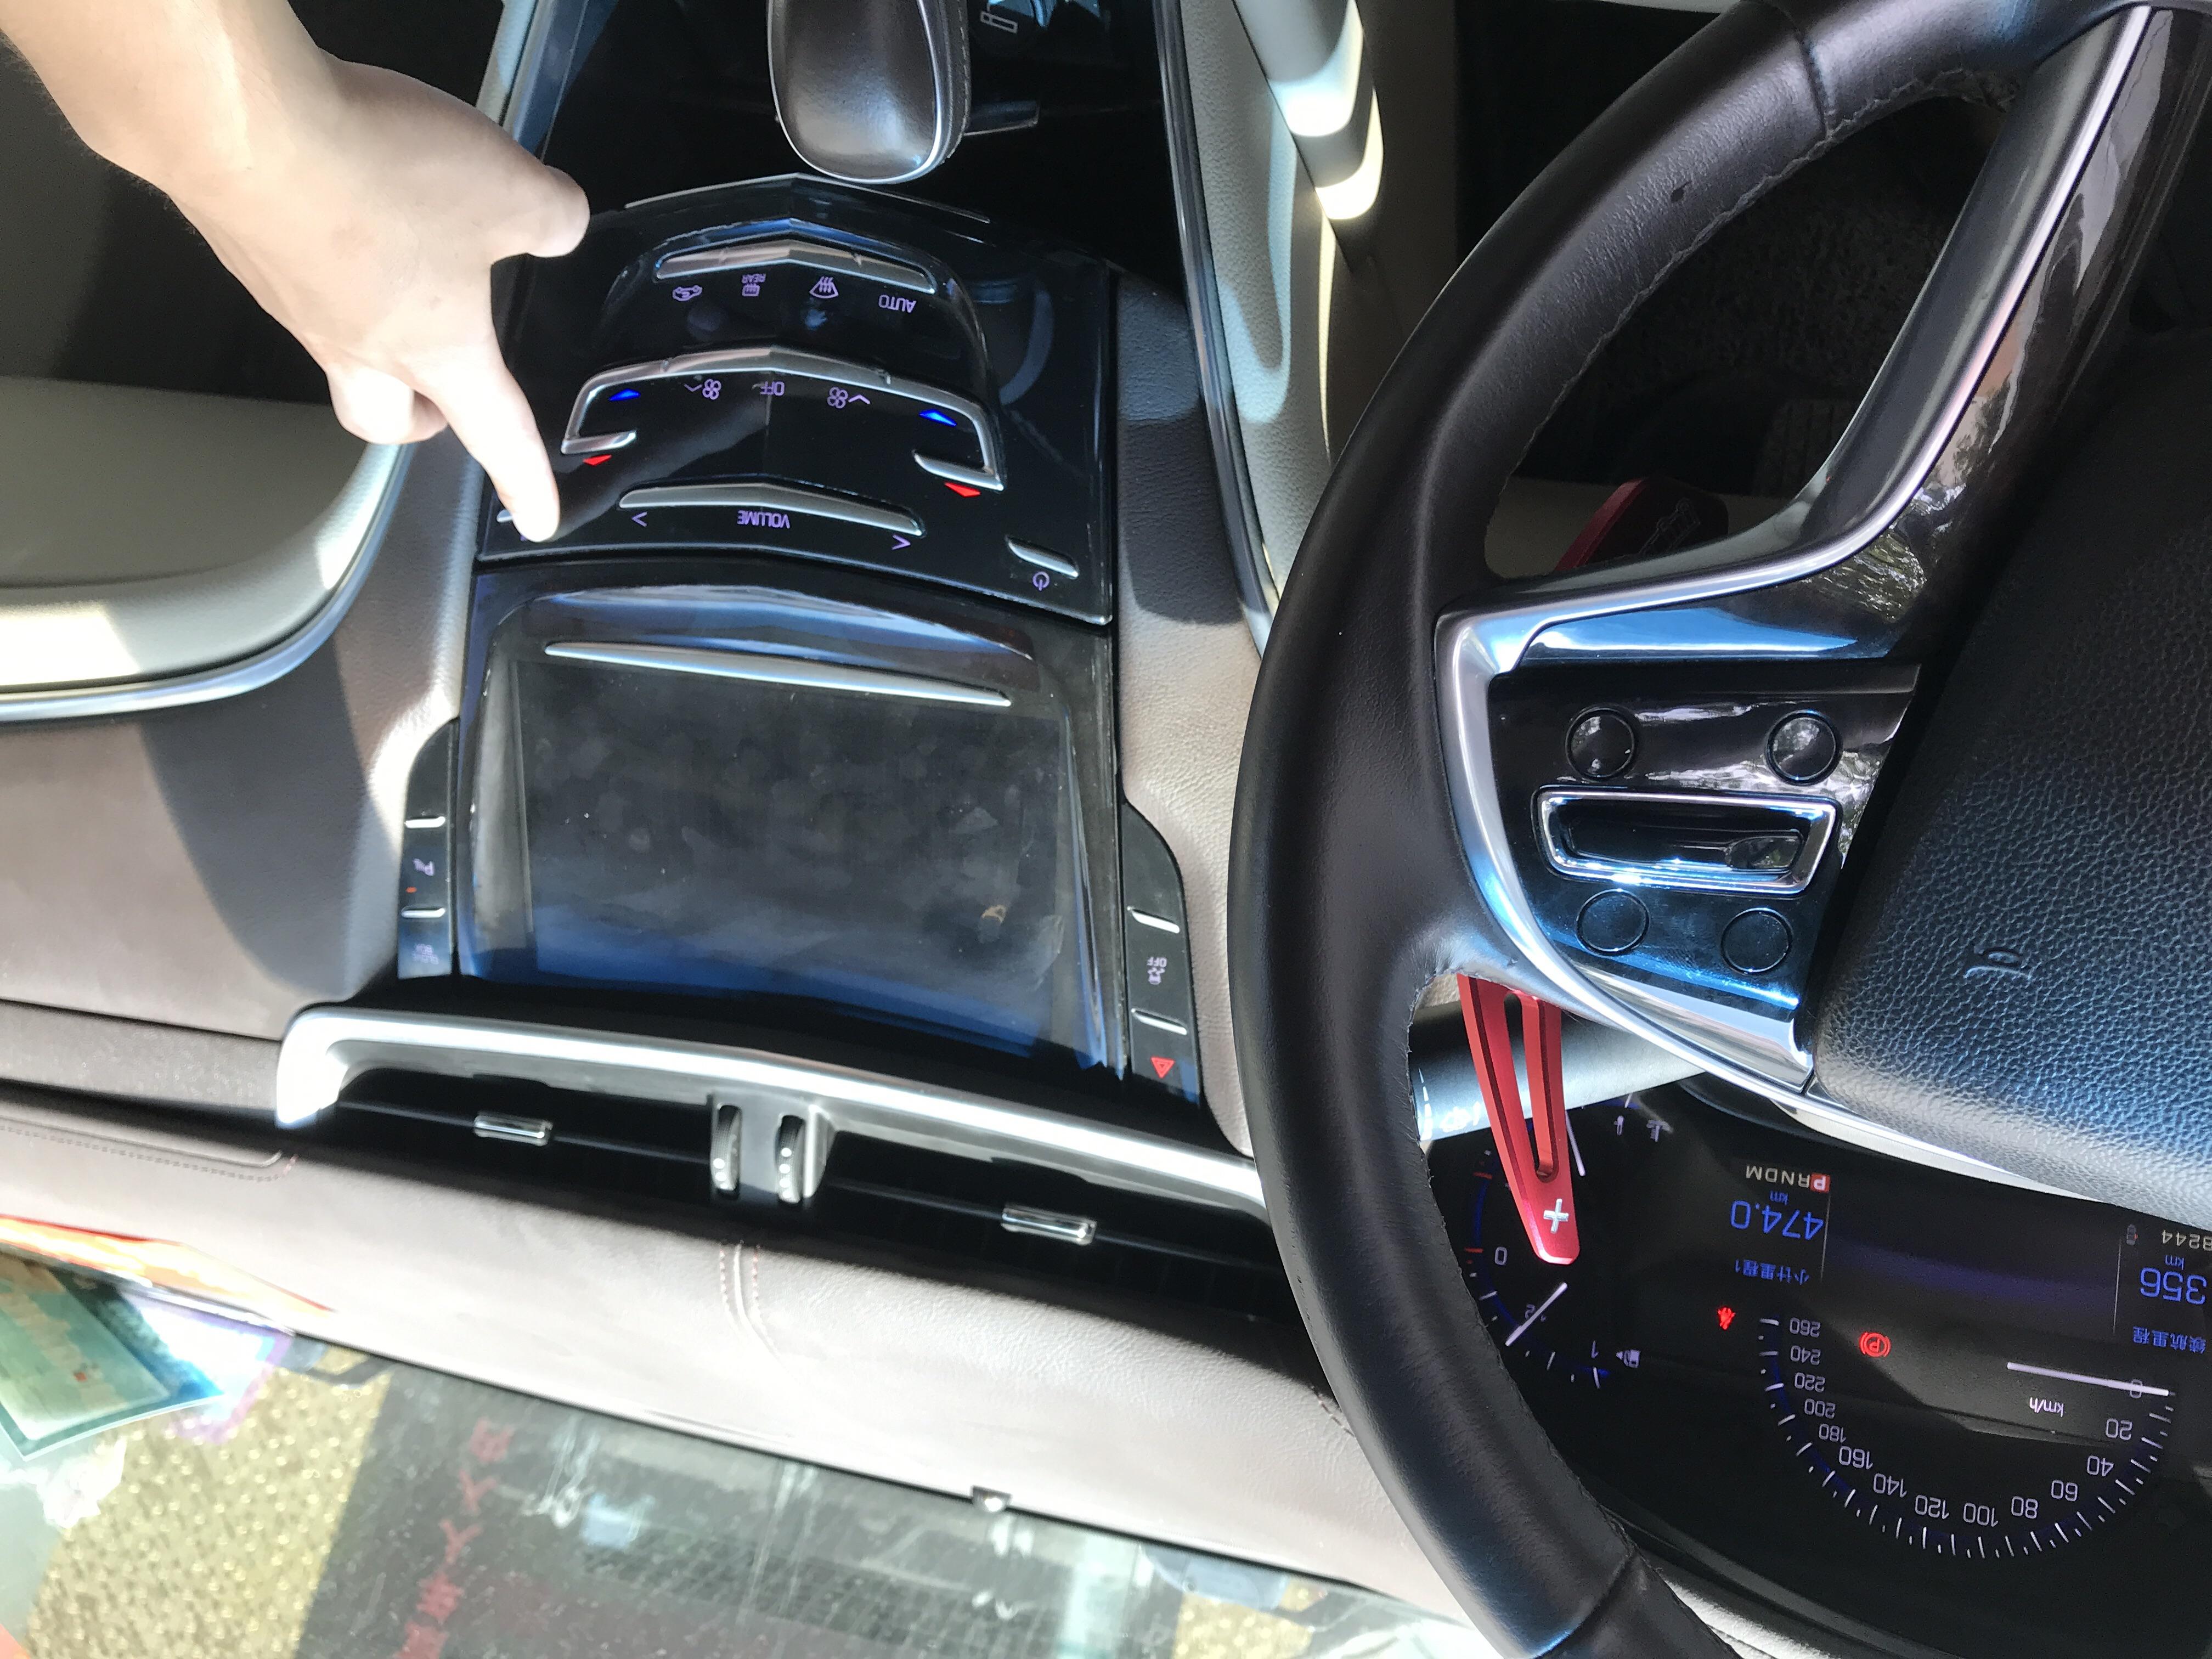 上汽通用-凯迪拉克XTS 中控液晶屏长年黑屏,音箱导航等功能不能使用